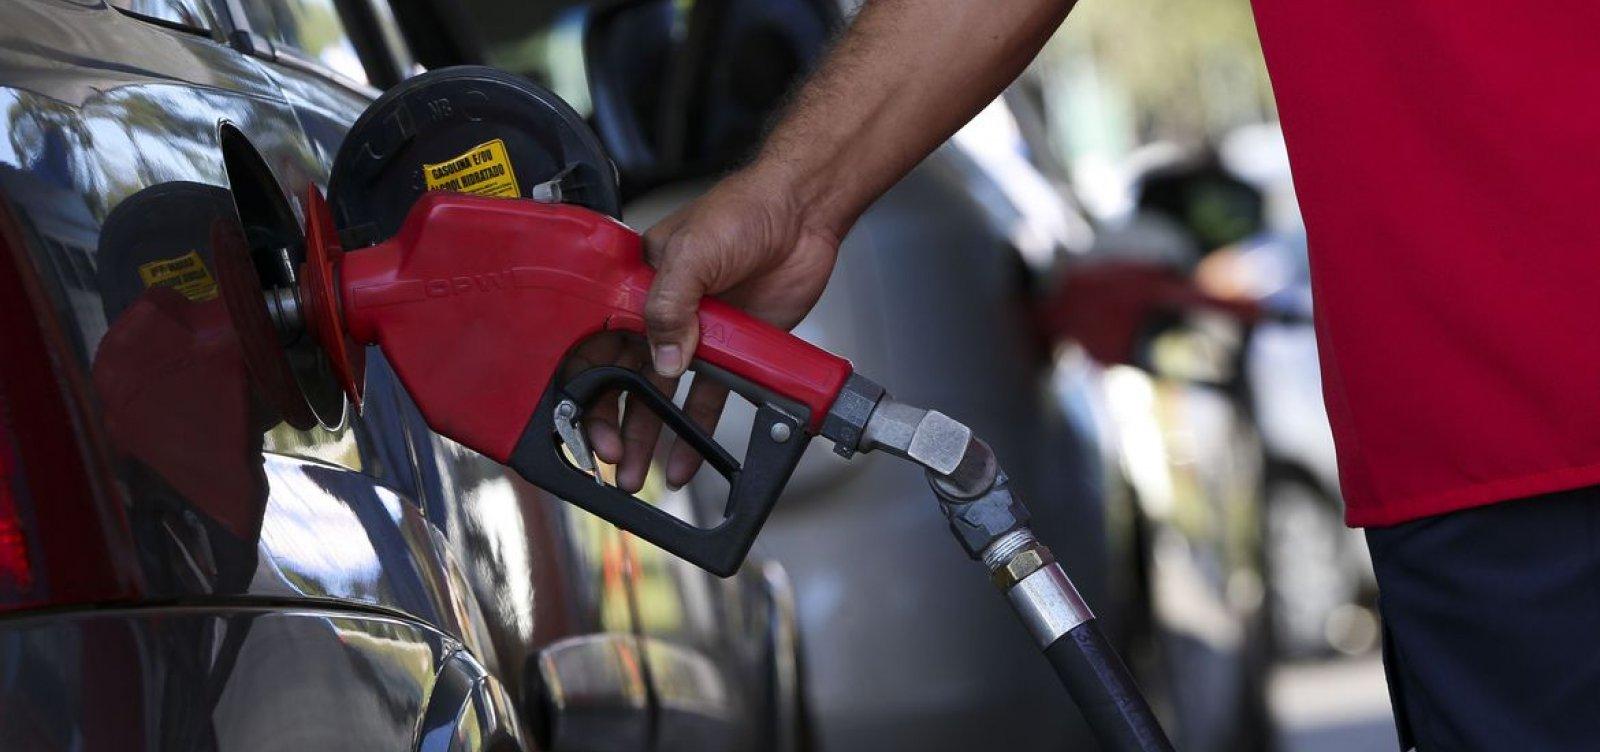 [ANP determina funcionamento de postos de gasolina até 19h durante pandemia de coronavírus]